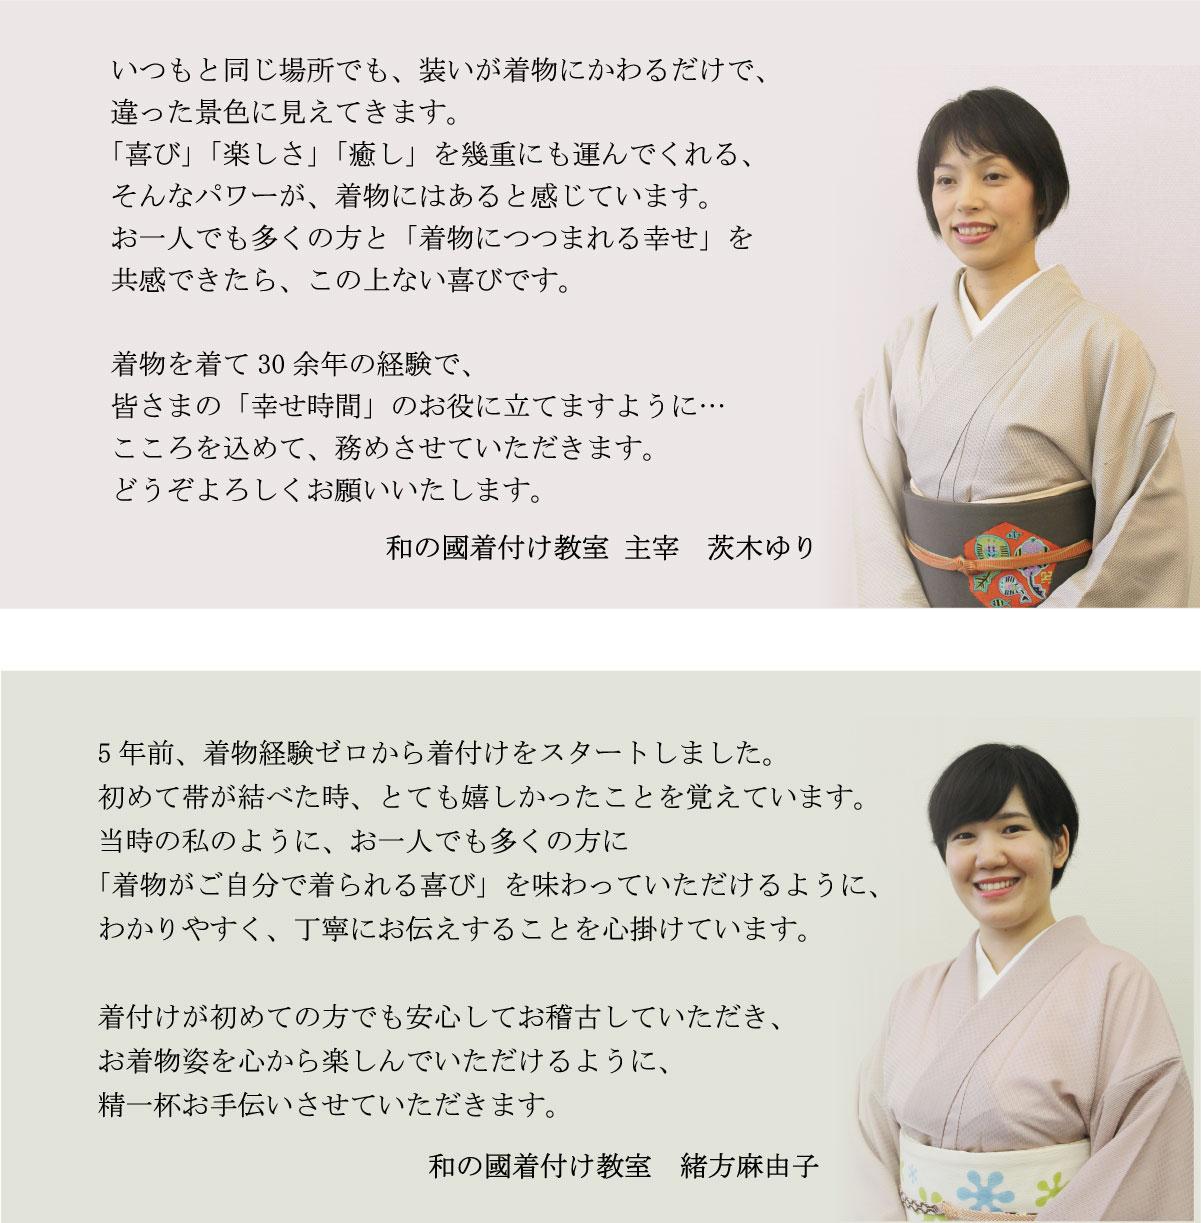 上通り着付け講座 講師 茨木ゆり 前結び きつけ わのくに 熊本市中央区 着物専門店